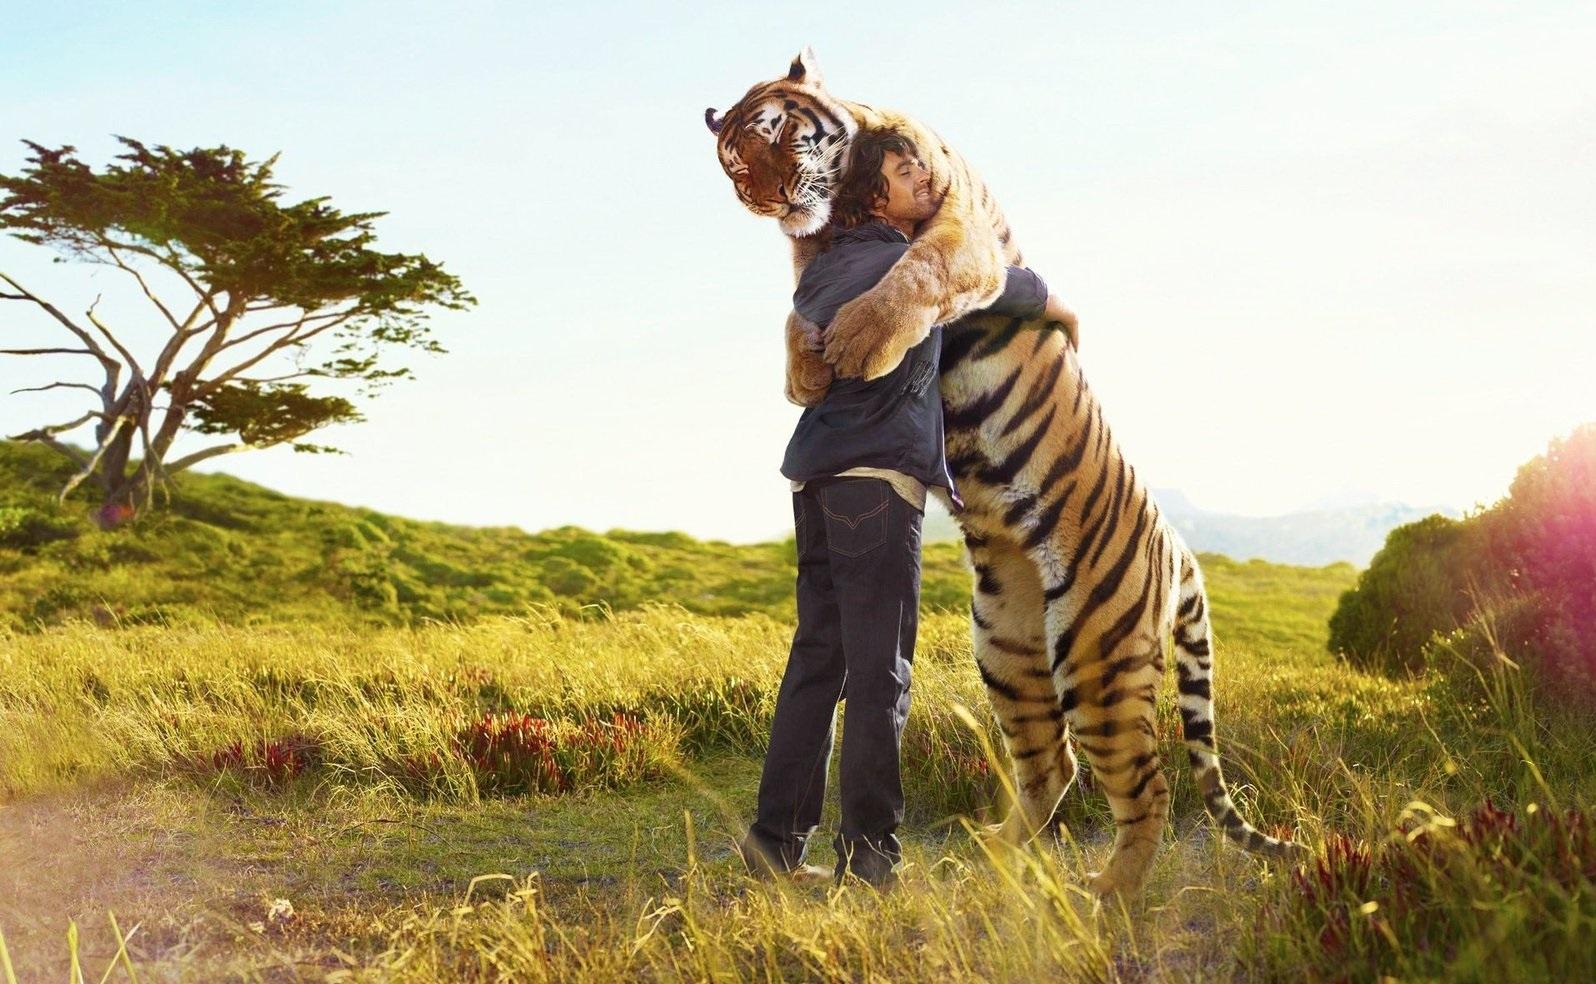 ТОП-15 животных, которые занесены в Красную книгу